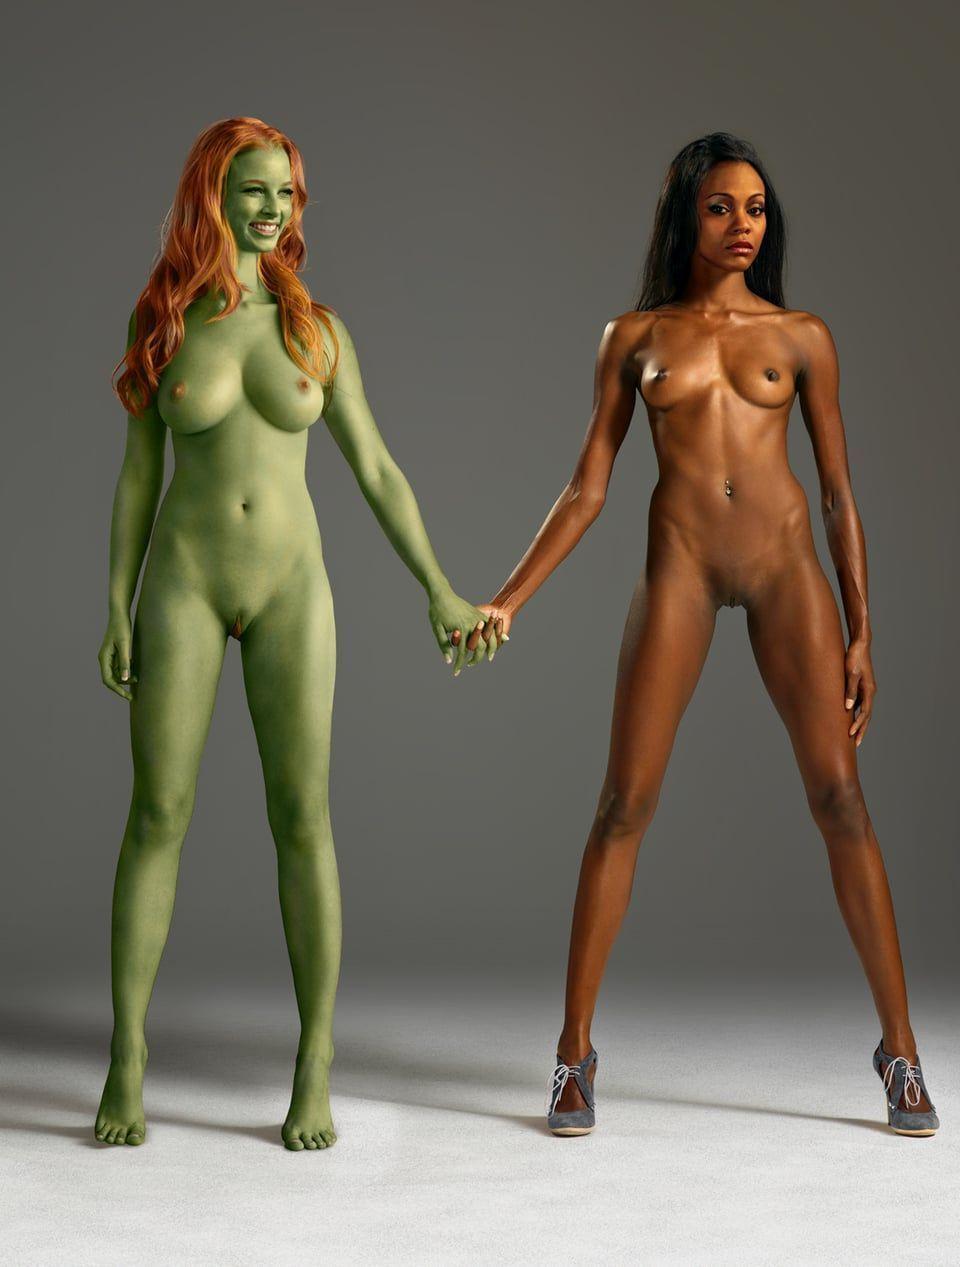 Nude star trek cosplay Seven of